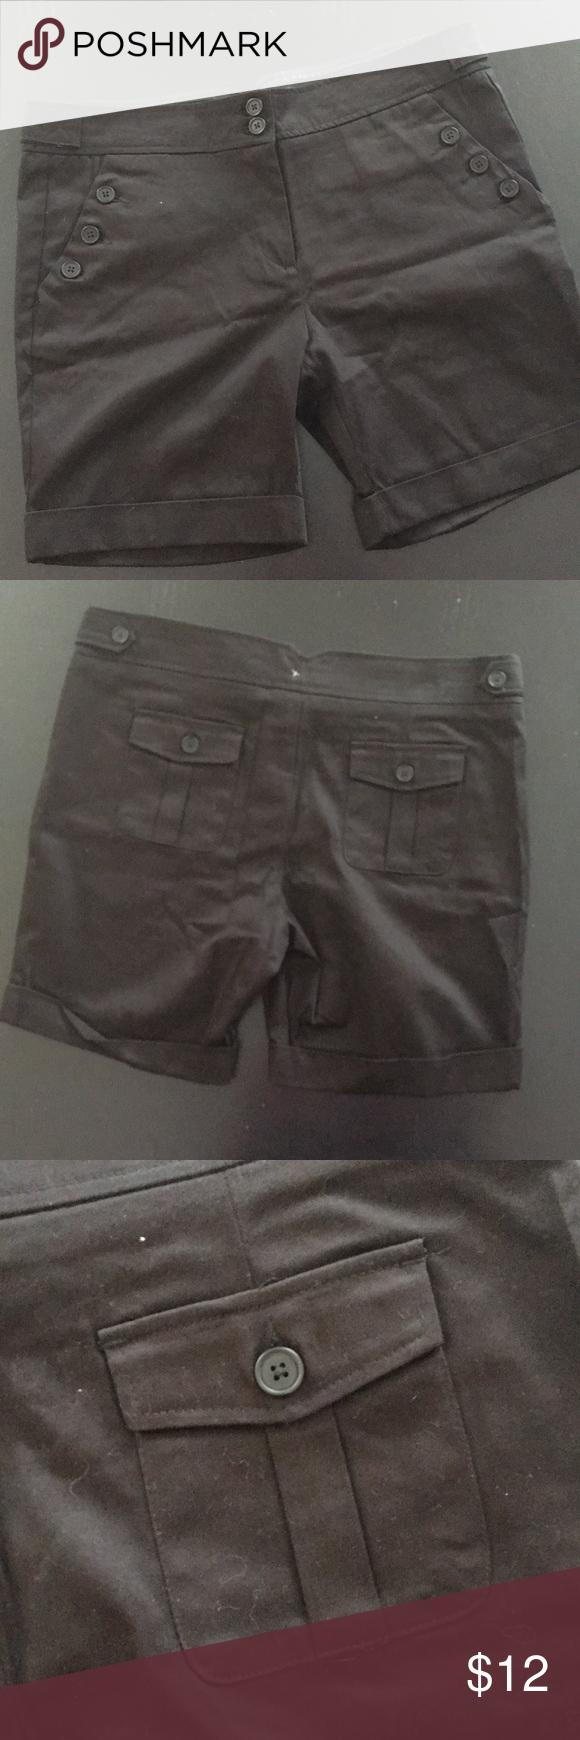 6c7ba74da1b Where Can I Buy Dressy Black Shorts | Huston Fislar Photography